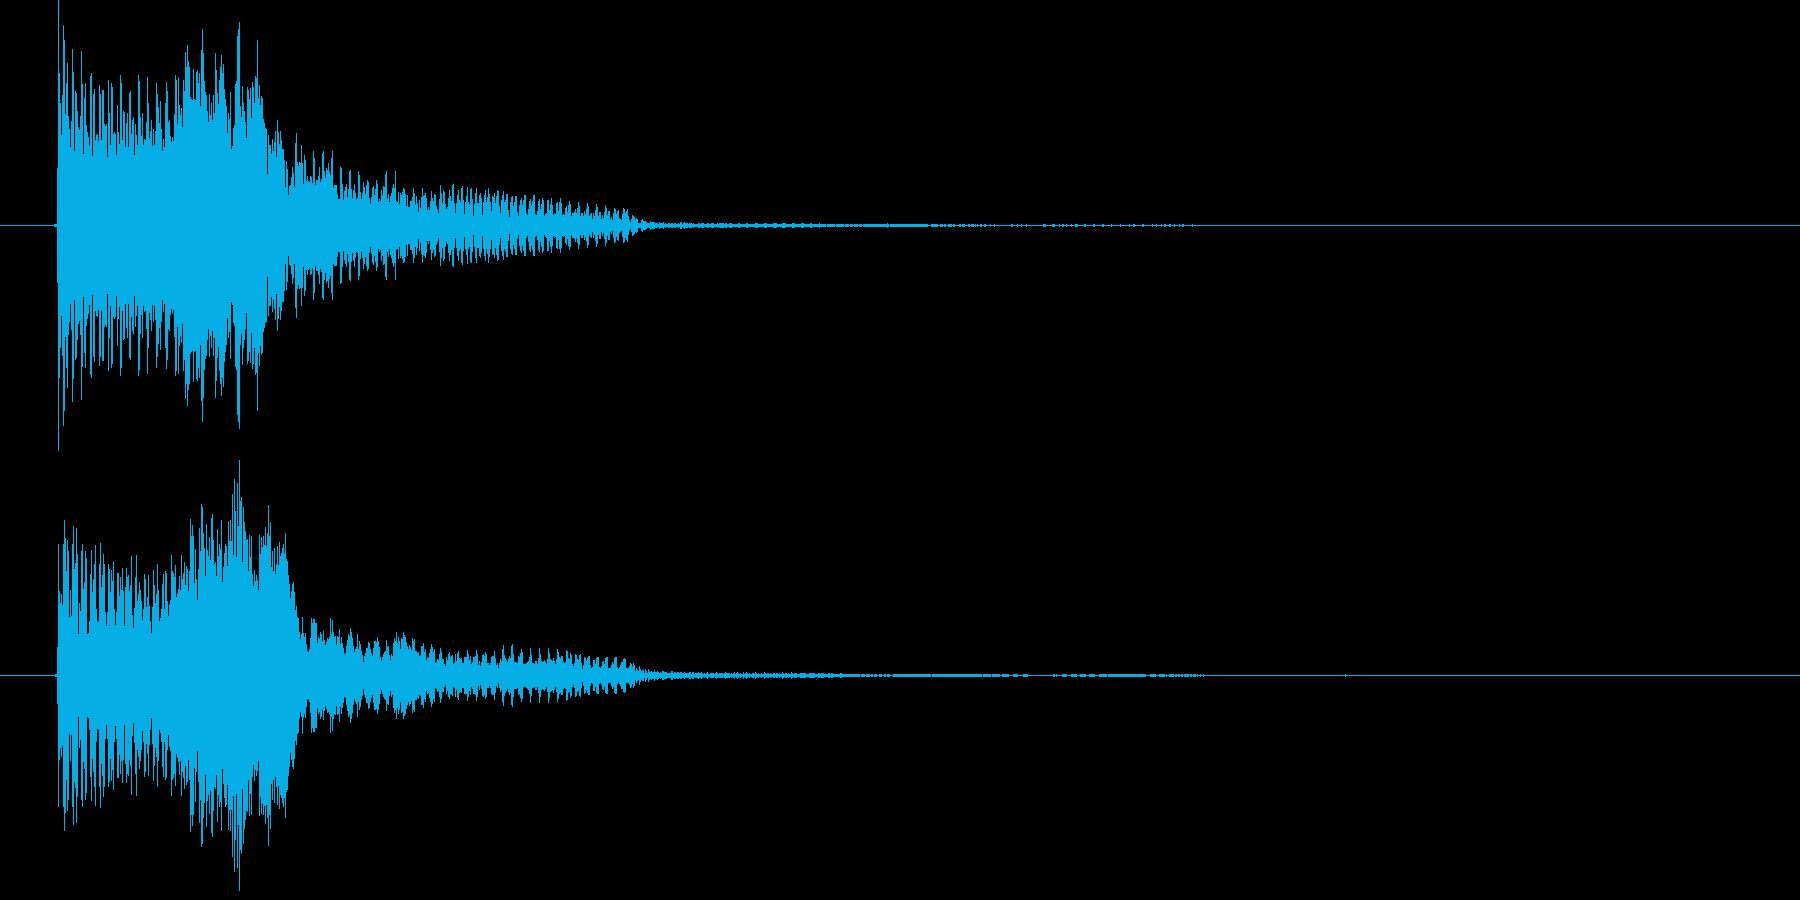 ゲームスタート音1 認証音   K19の再生済みの波形